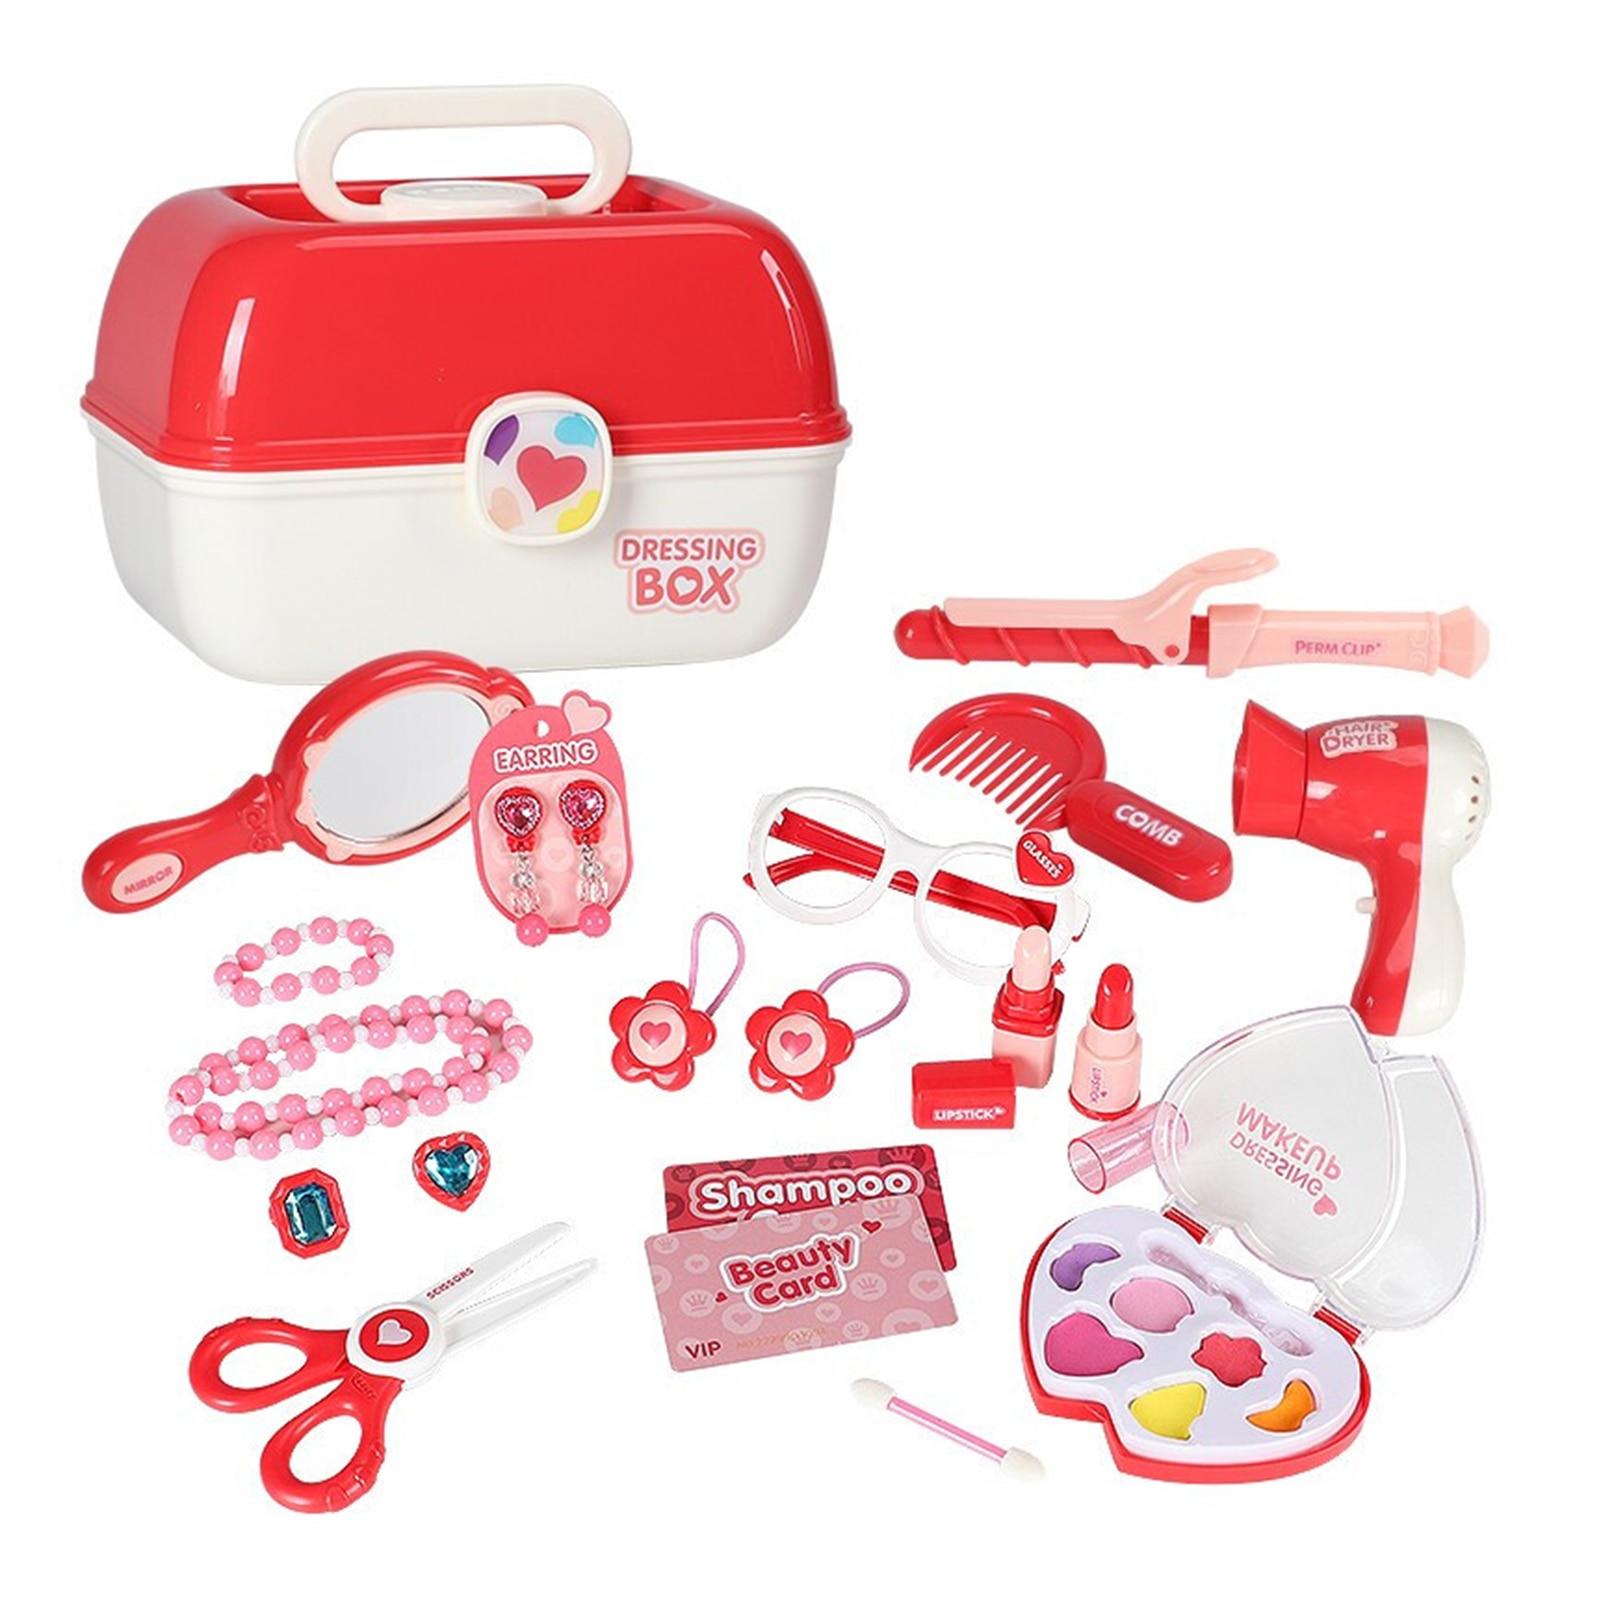 Детский набор игрушек для макияжа, принцесса, ролевые игры, парикмахерские салоны, расческа для волос, коробка для симуляции, ролевые игры д... ролевые игры ami